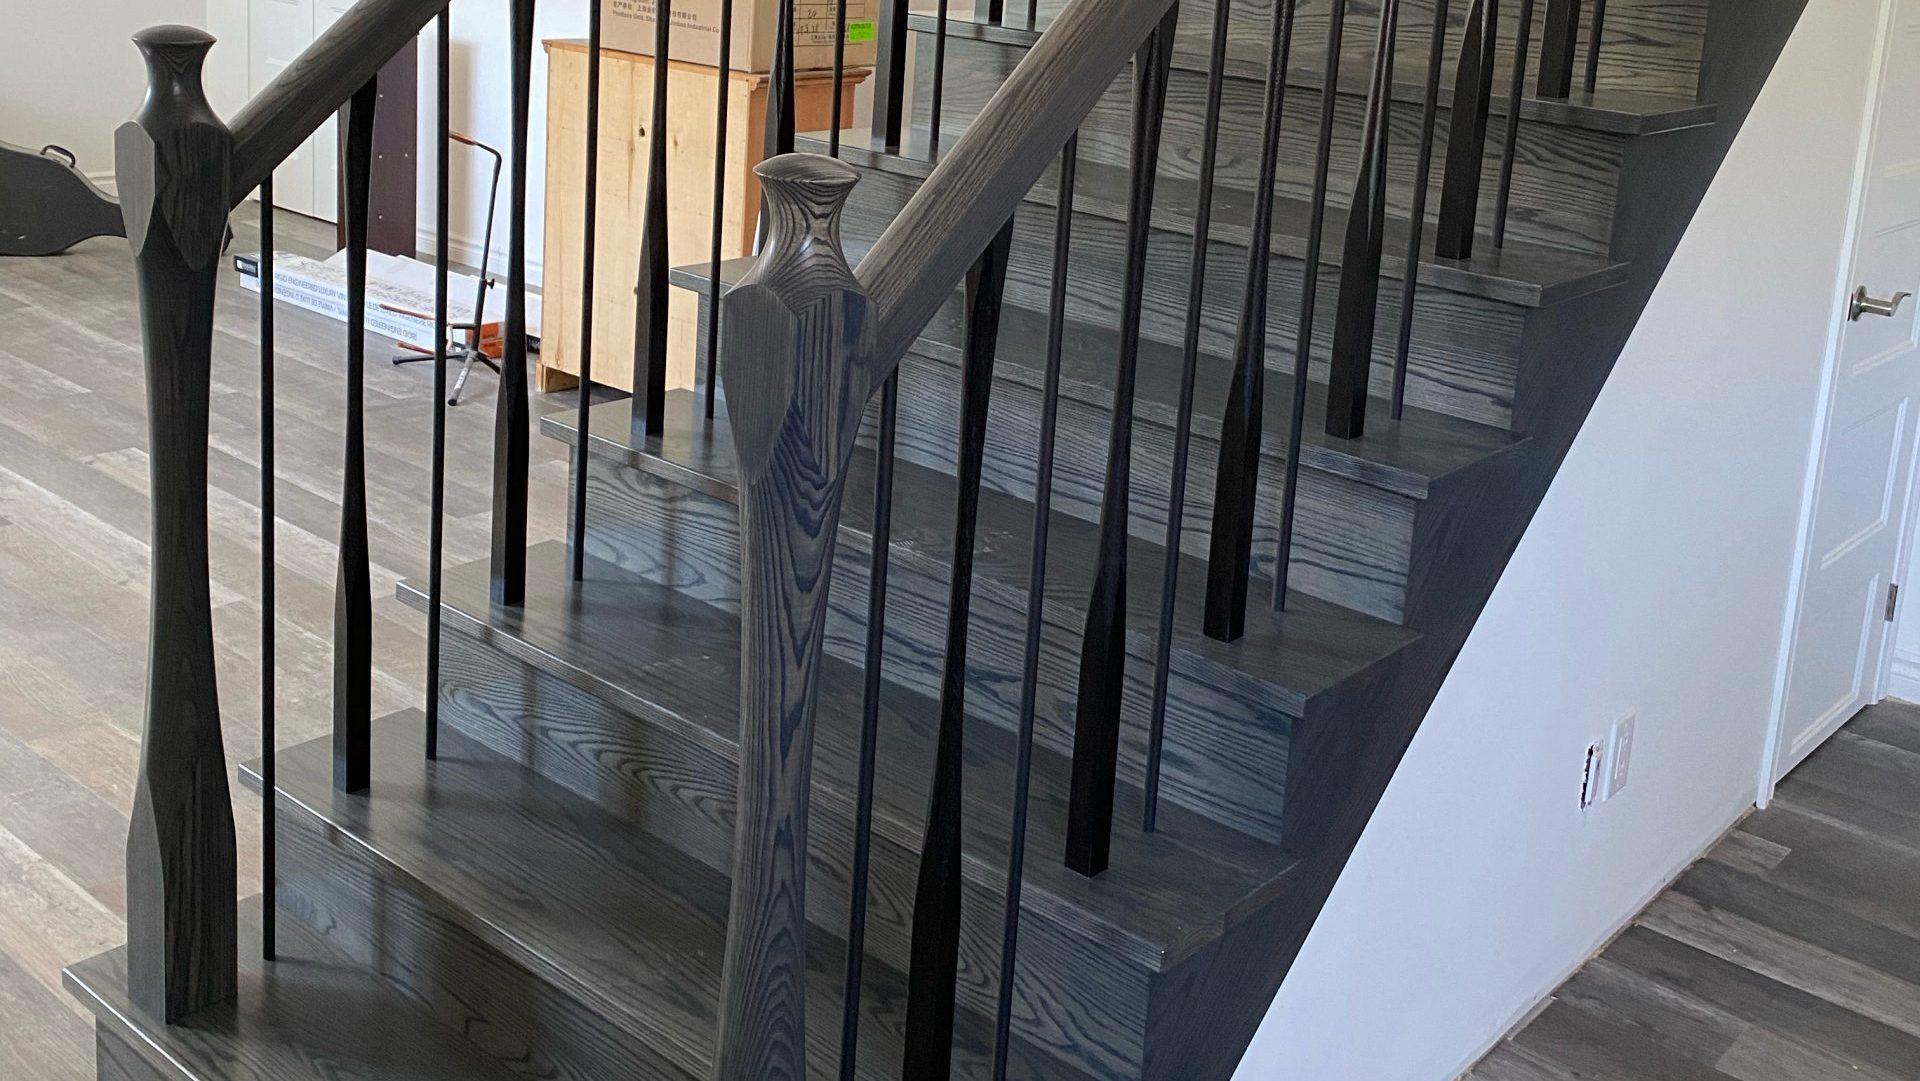 Escatek – Fabricant d'escaliers